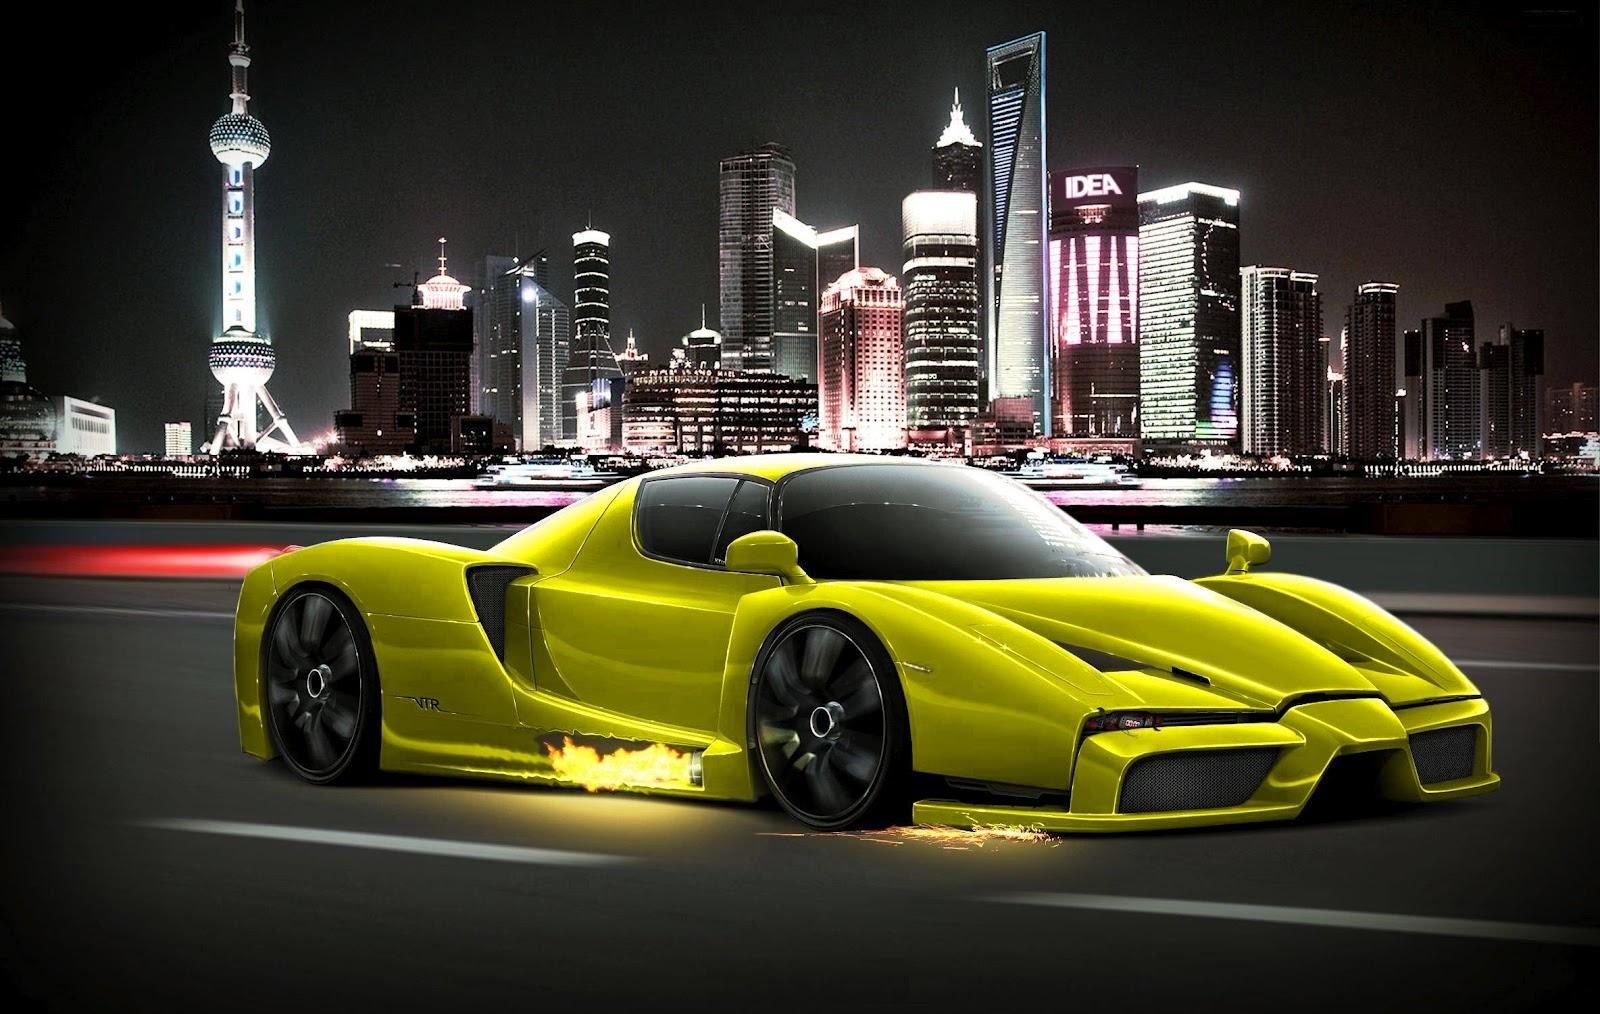 Ferrari Car Wallpaper For Desktop تحميل صور سيارات فارهة وحديثة سيارات سباق Hd ميكساتك